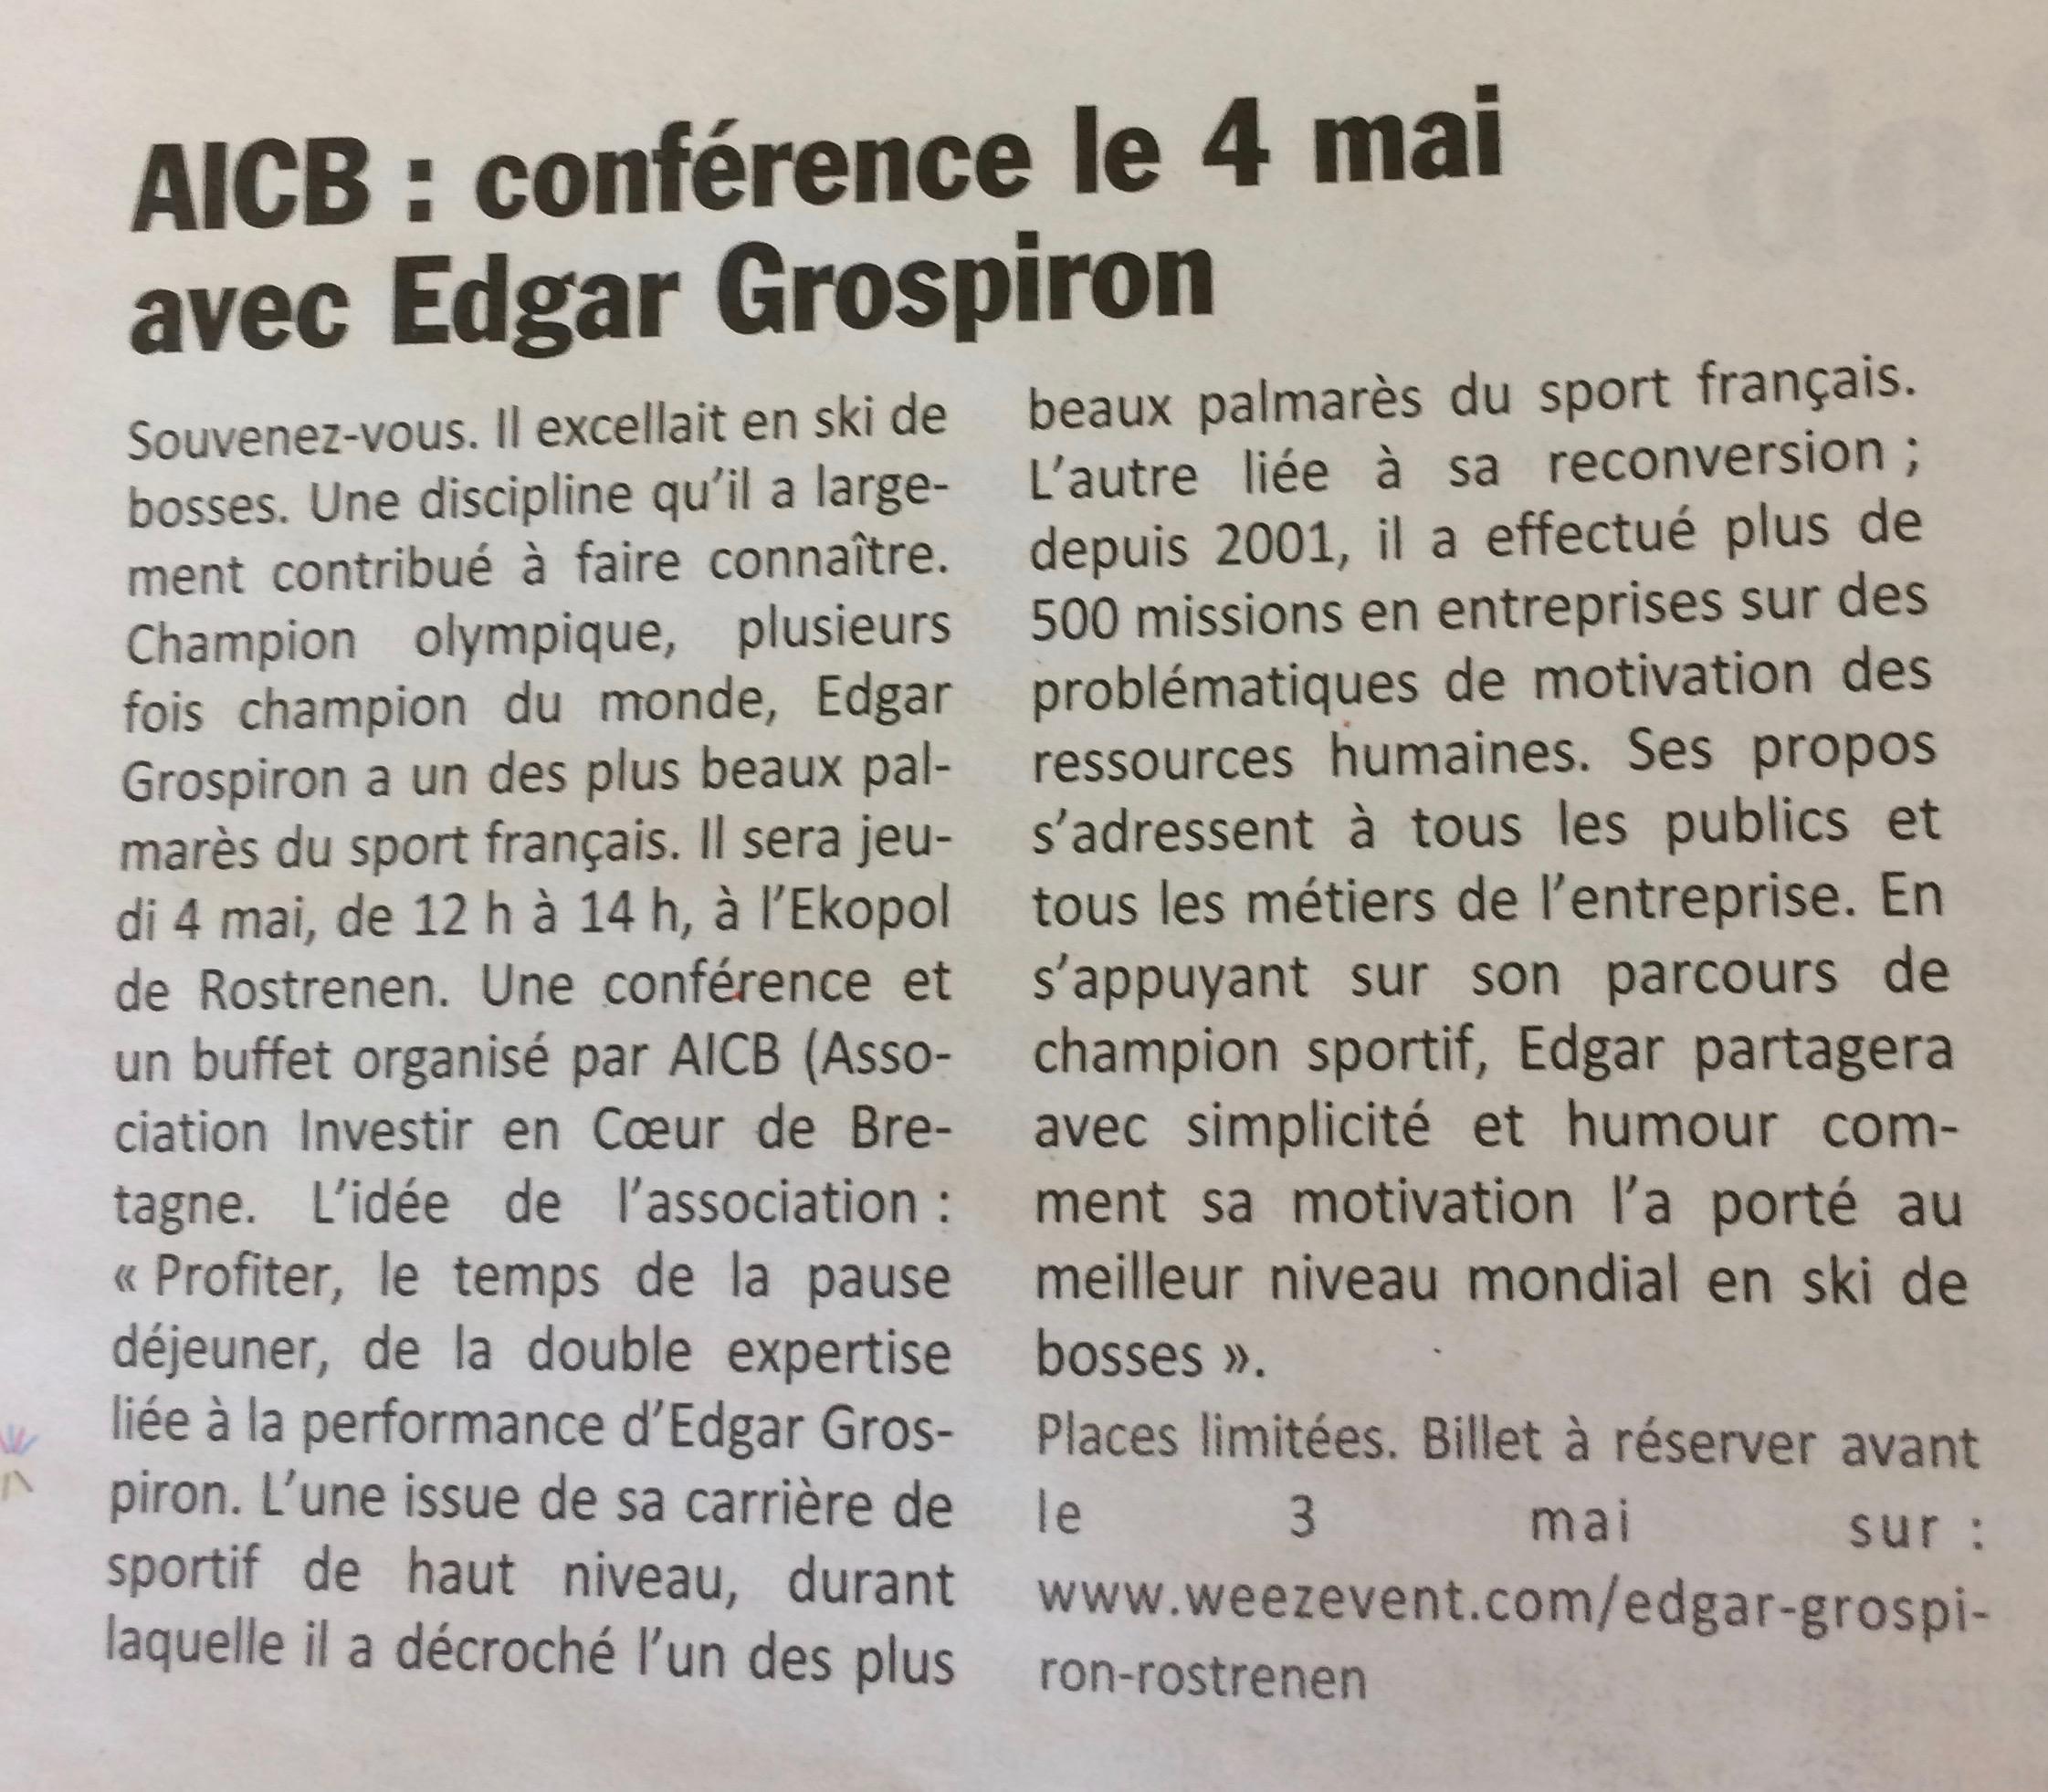 Communiqué de presse - conférence 4 mai 2019 edgar grospiron - Le Poher